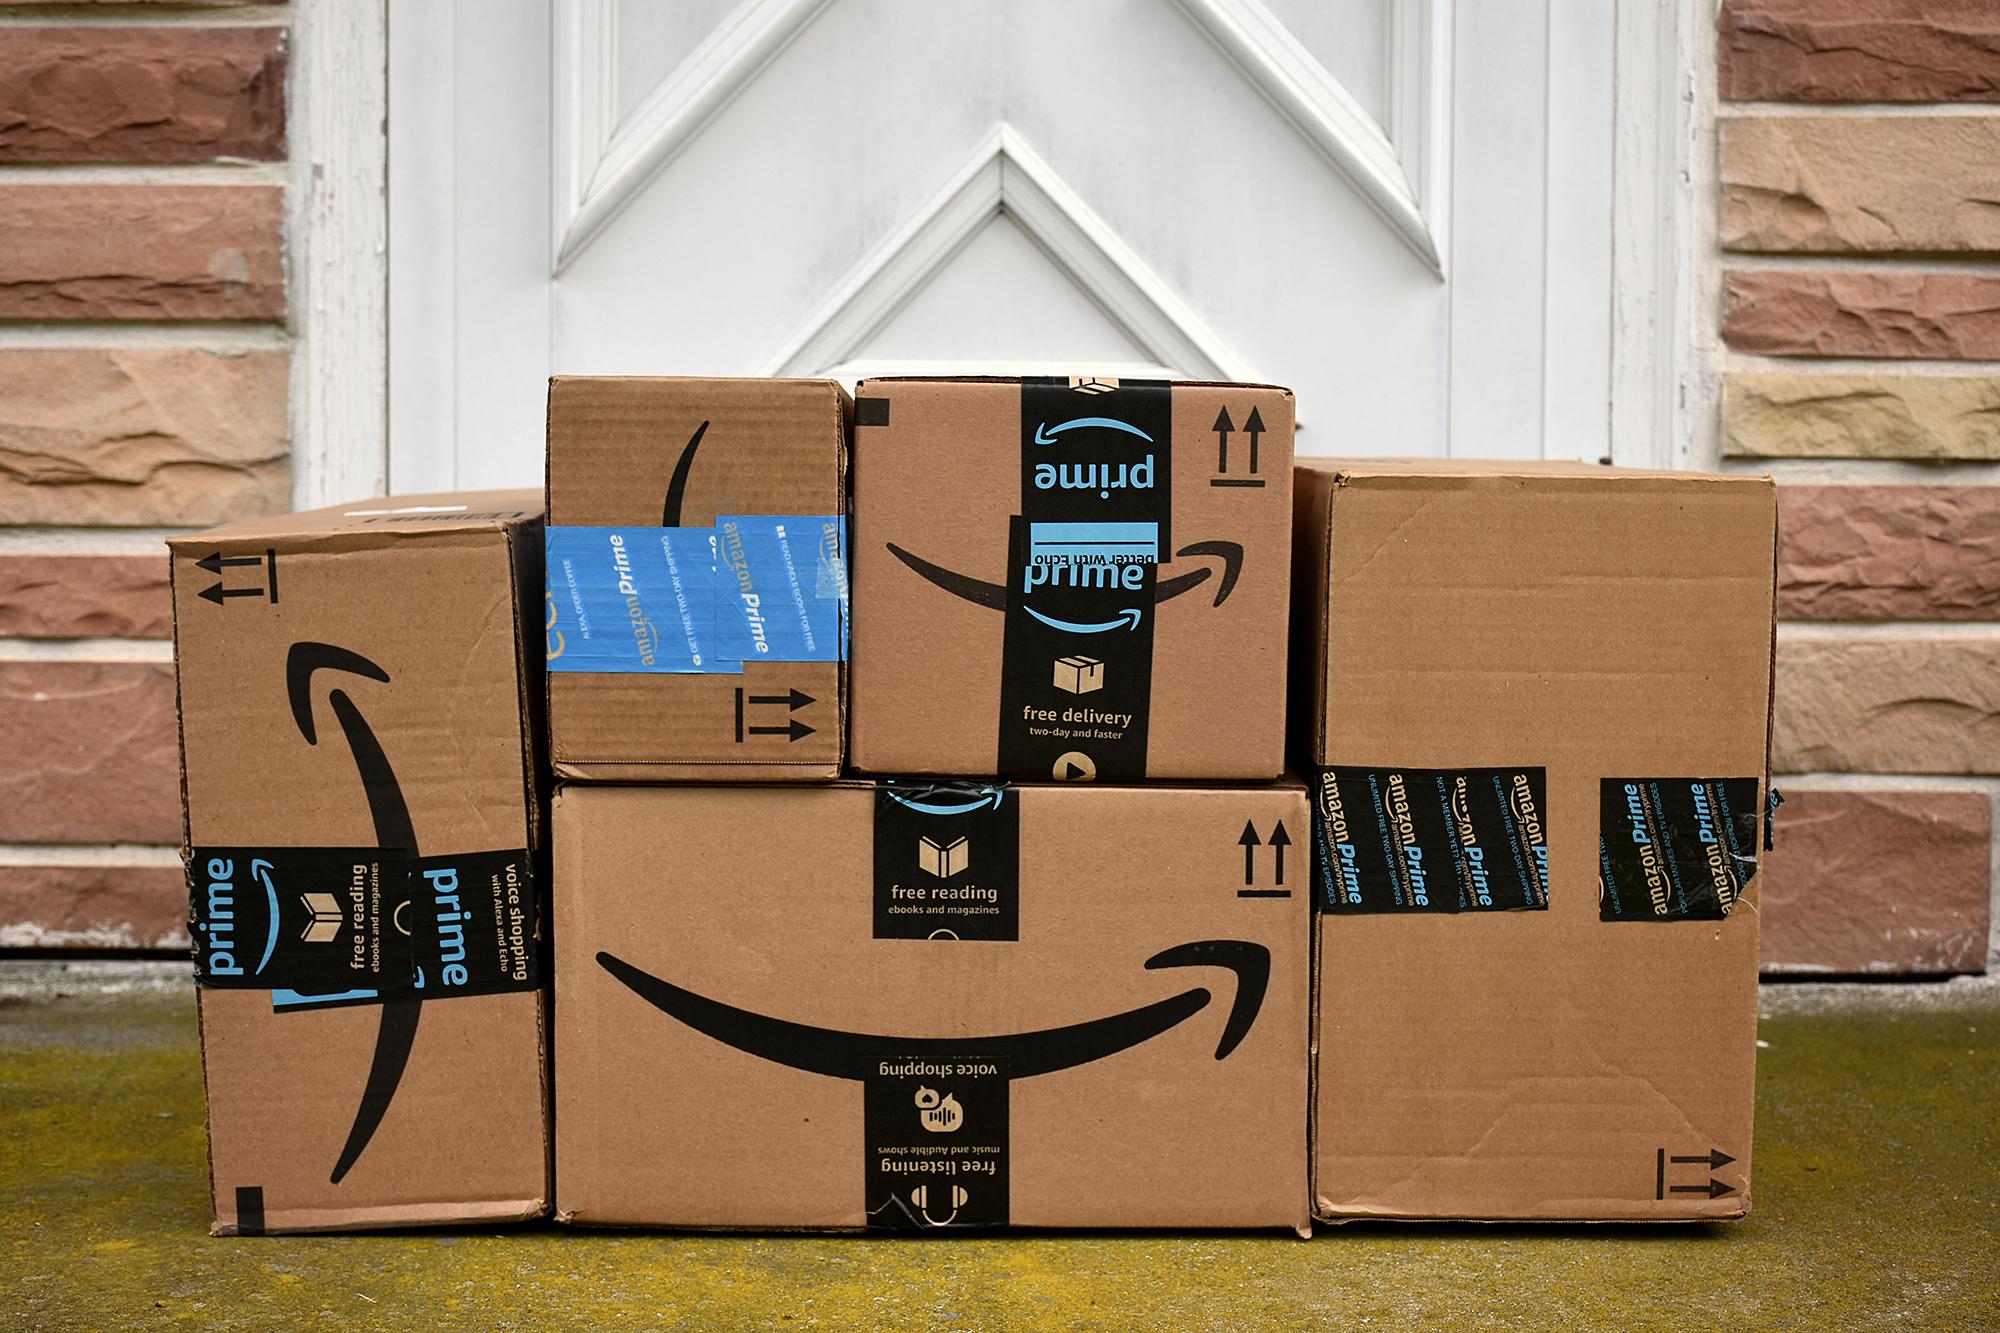 Amazon Prime parcels. (Image: Julie Clopper/Shutterstock)